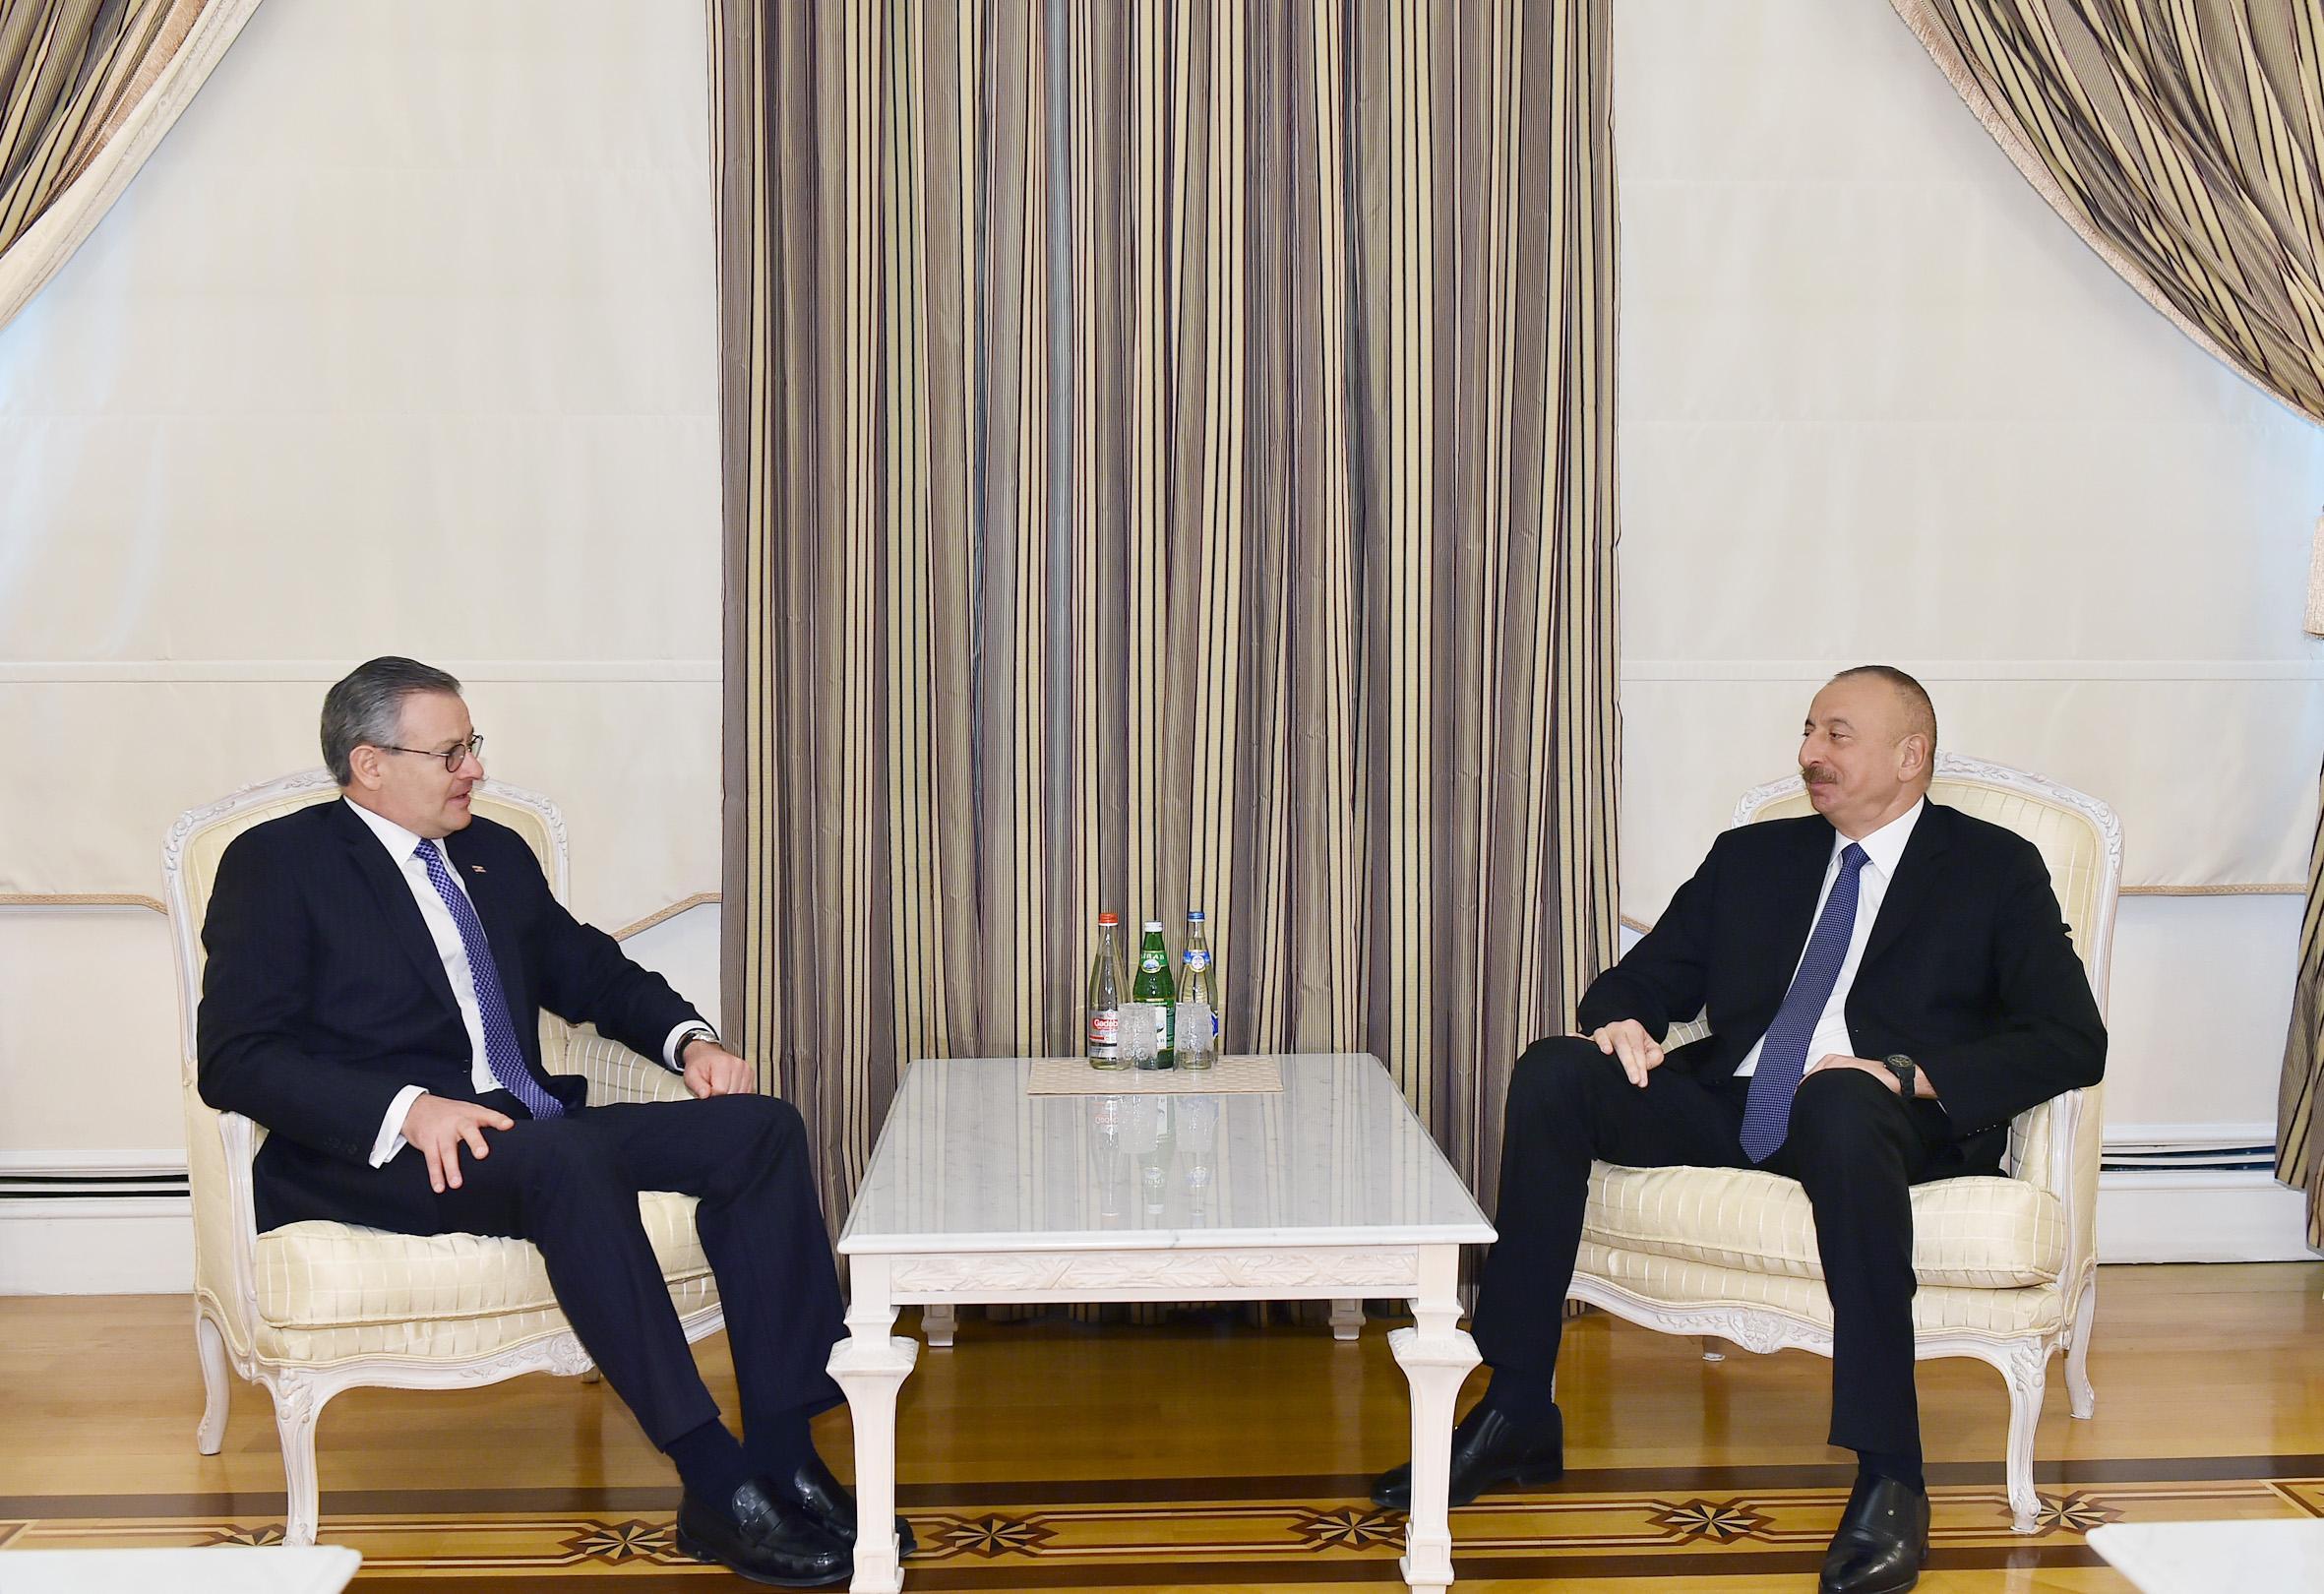 Президент Ильхам Алиев принял министра иностранных дел Республики Коста-Рика